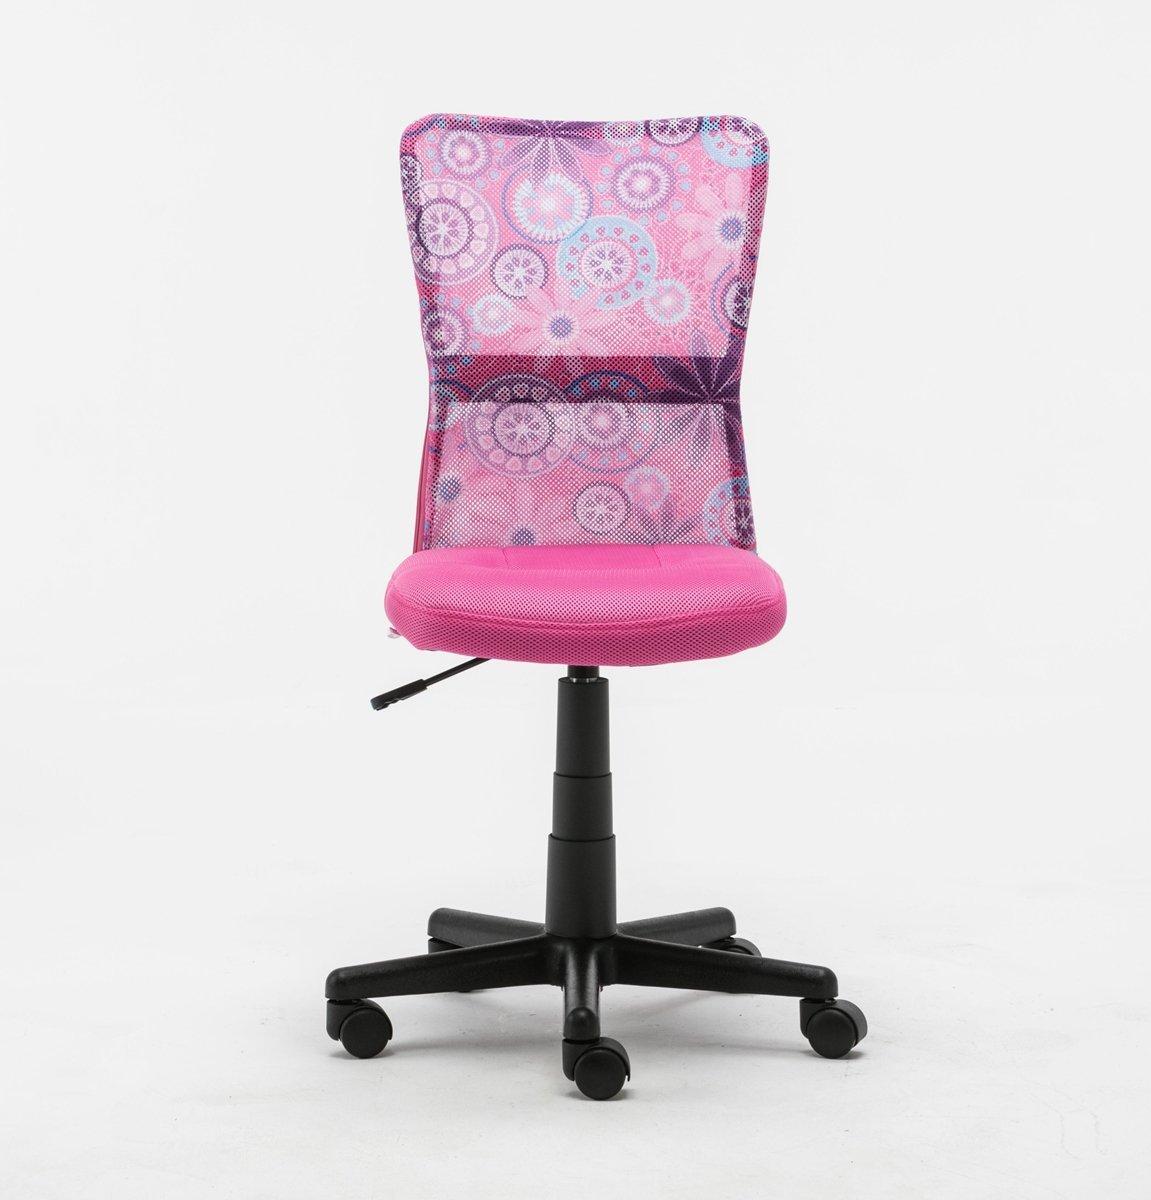 Eurostile mid back adjustable ergonomic mesh swivel computer office desk task chair 8007fl - Ergo kids task chair ...